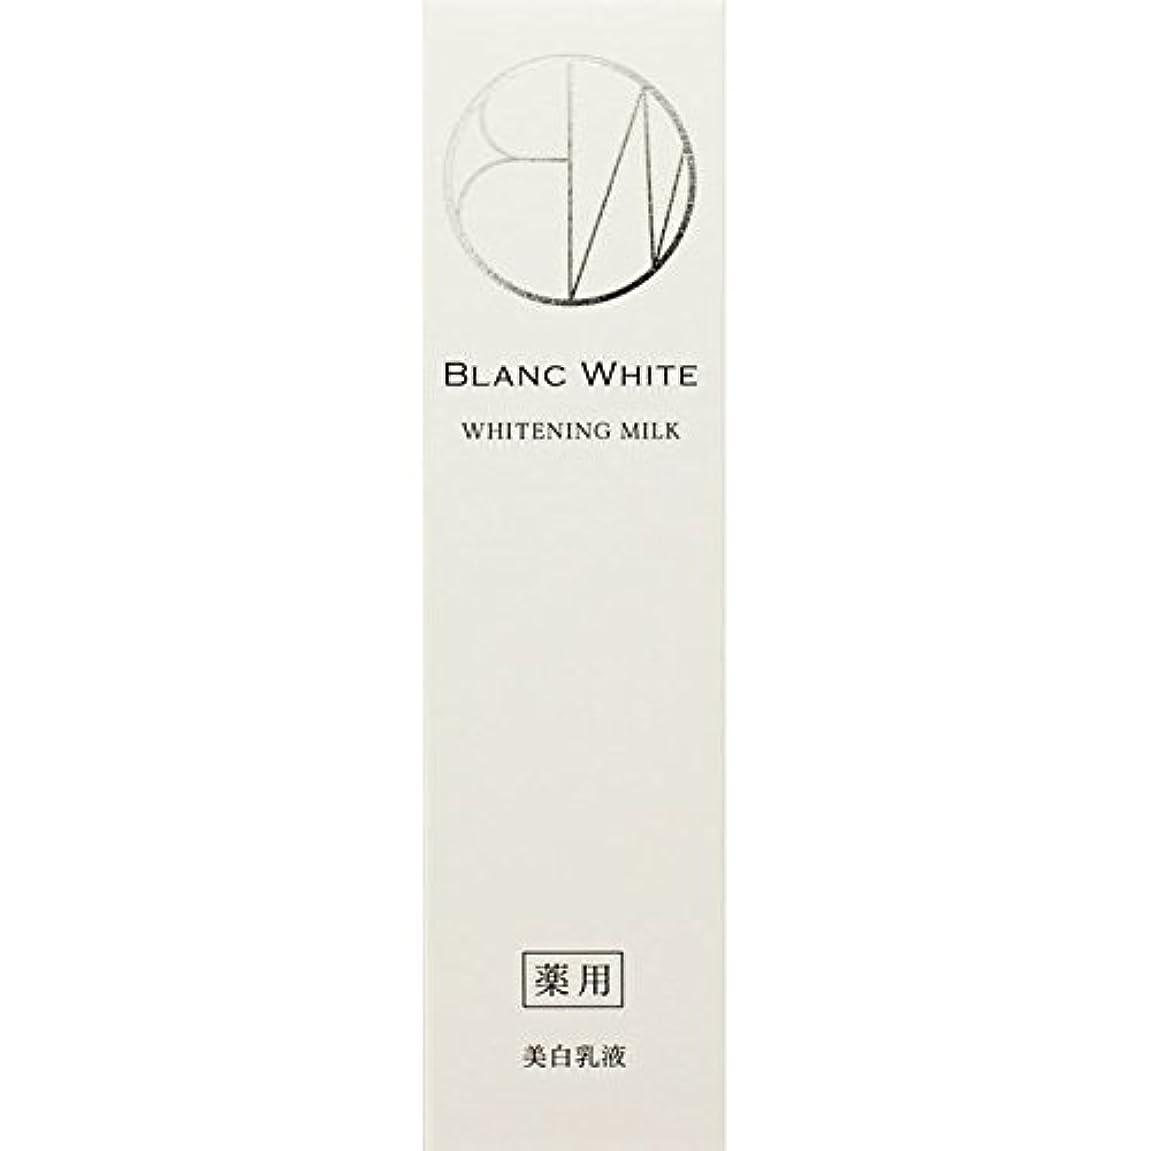 航空調整するワンダーブランホワイト ホワイトニングミルク 125ml (医薬部外品)